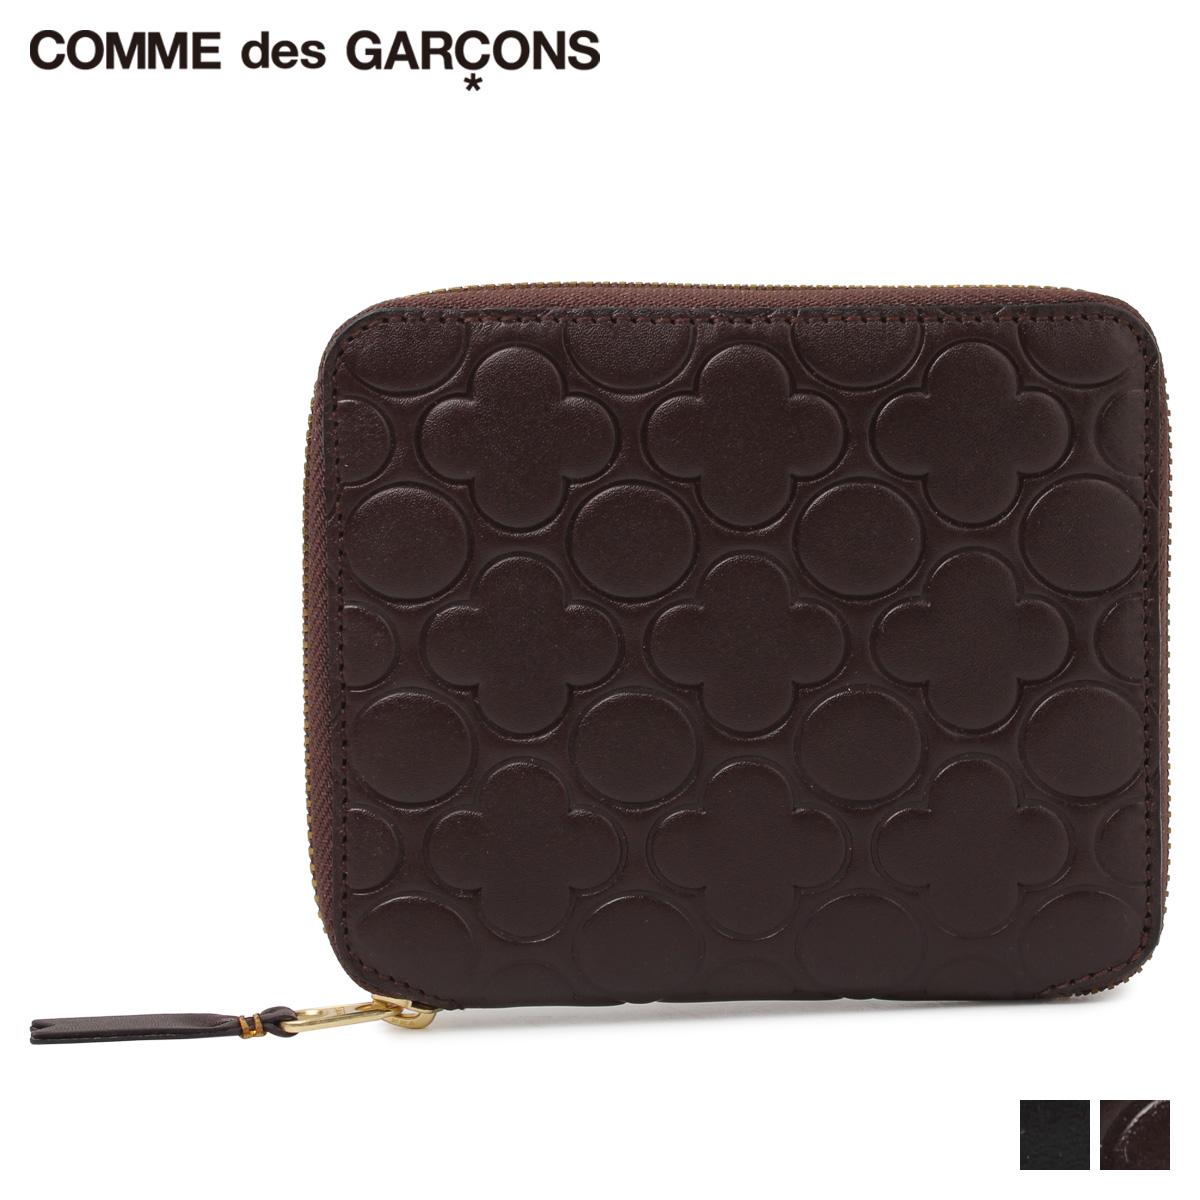 COMME des GARCONS NATURAL コムデギャルソン 財布 二つ折り メンズ レディース ラウンドファスナー ブラック ブラウン 黒 SA210EB [予約商品 11/28頃入荷予定]